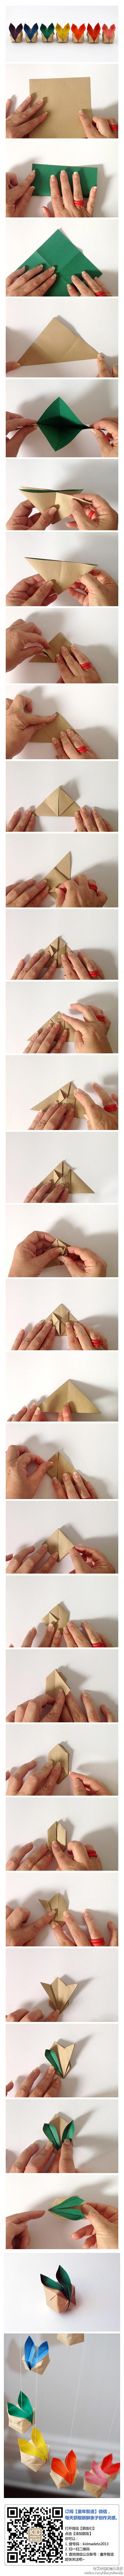 การพับกระดาษเป็นรูปกระต่าย